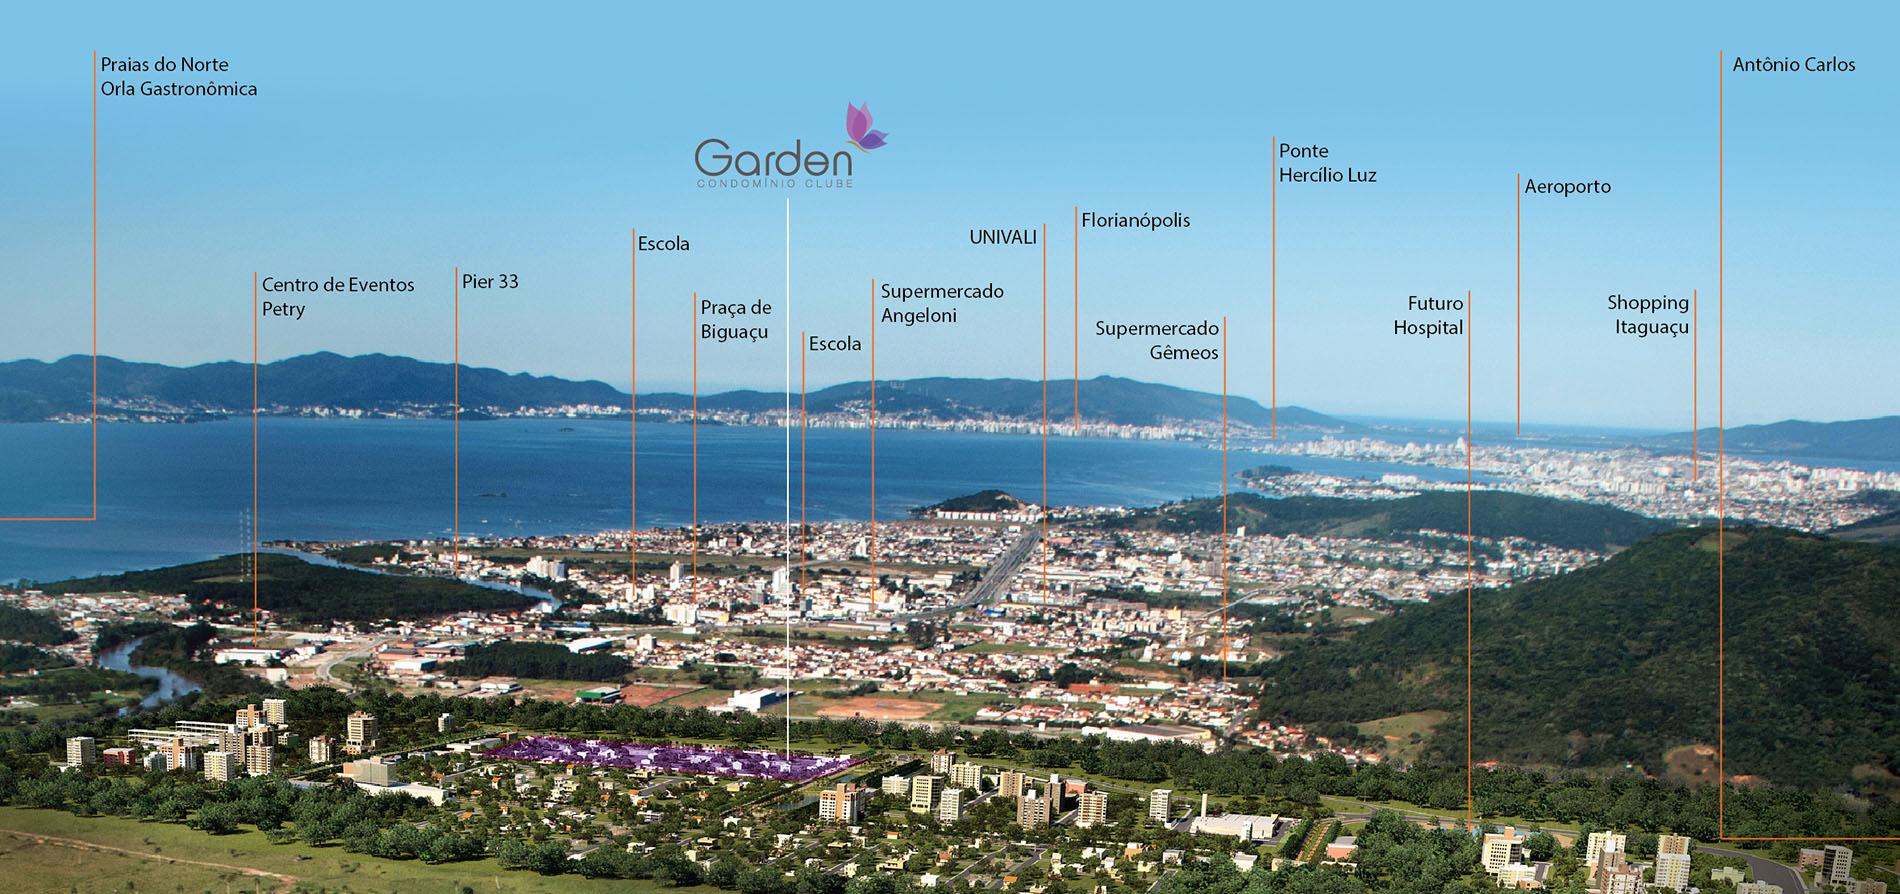 Mapa De Localização De Pontos De Vetor Localização De: Garden Condominio Clube